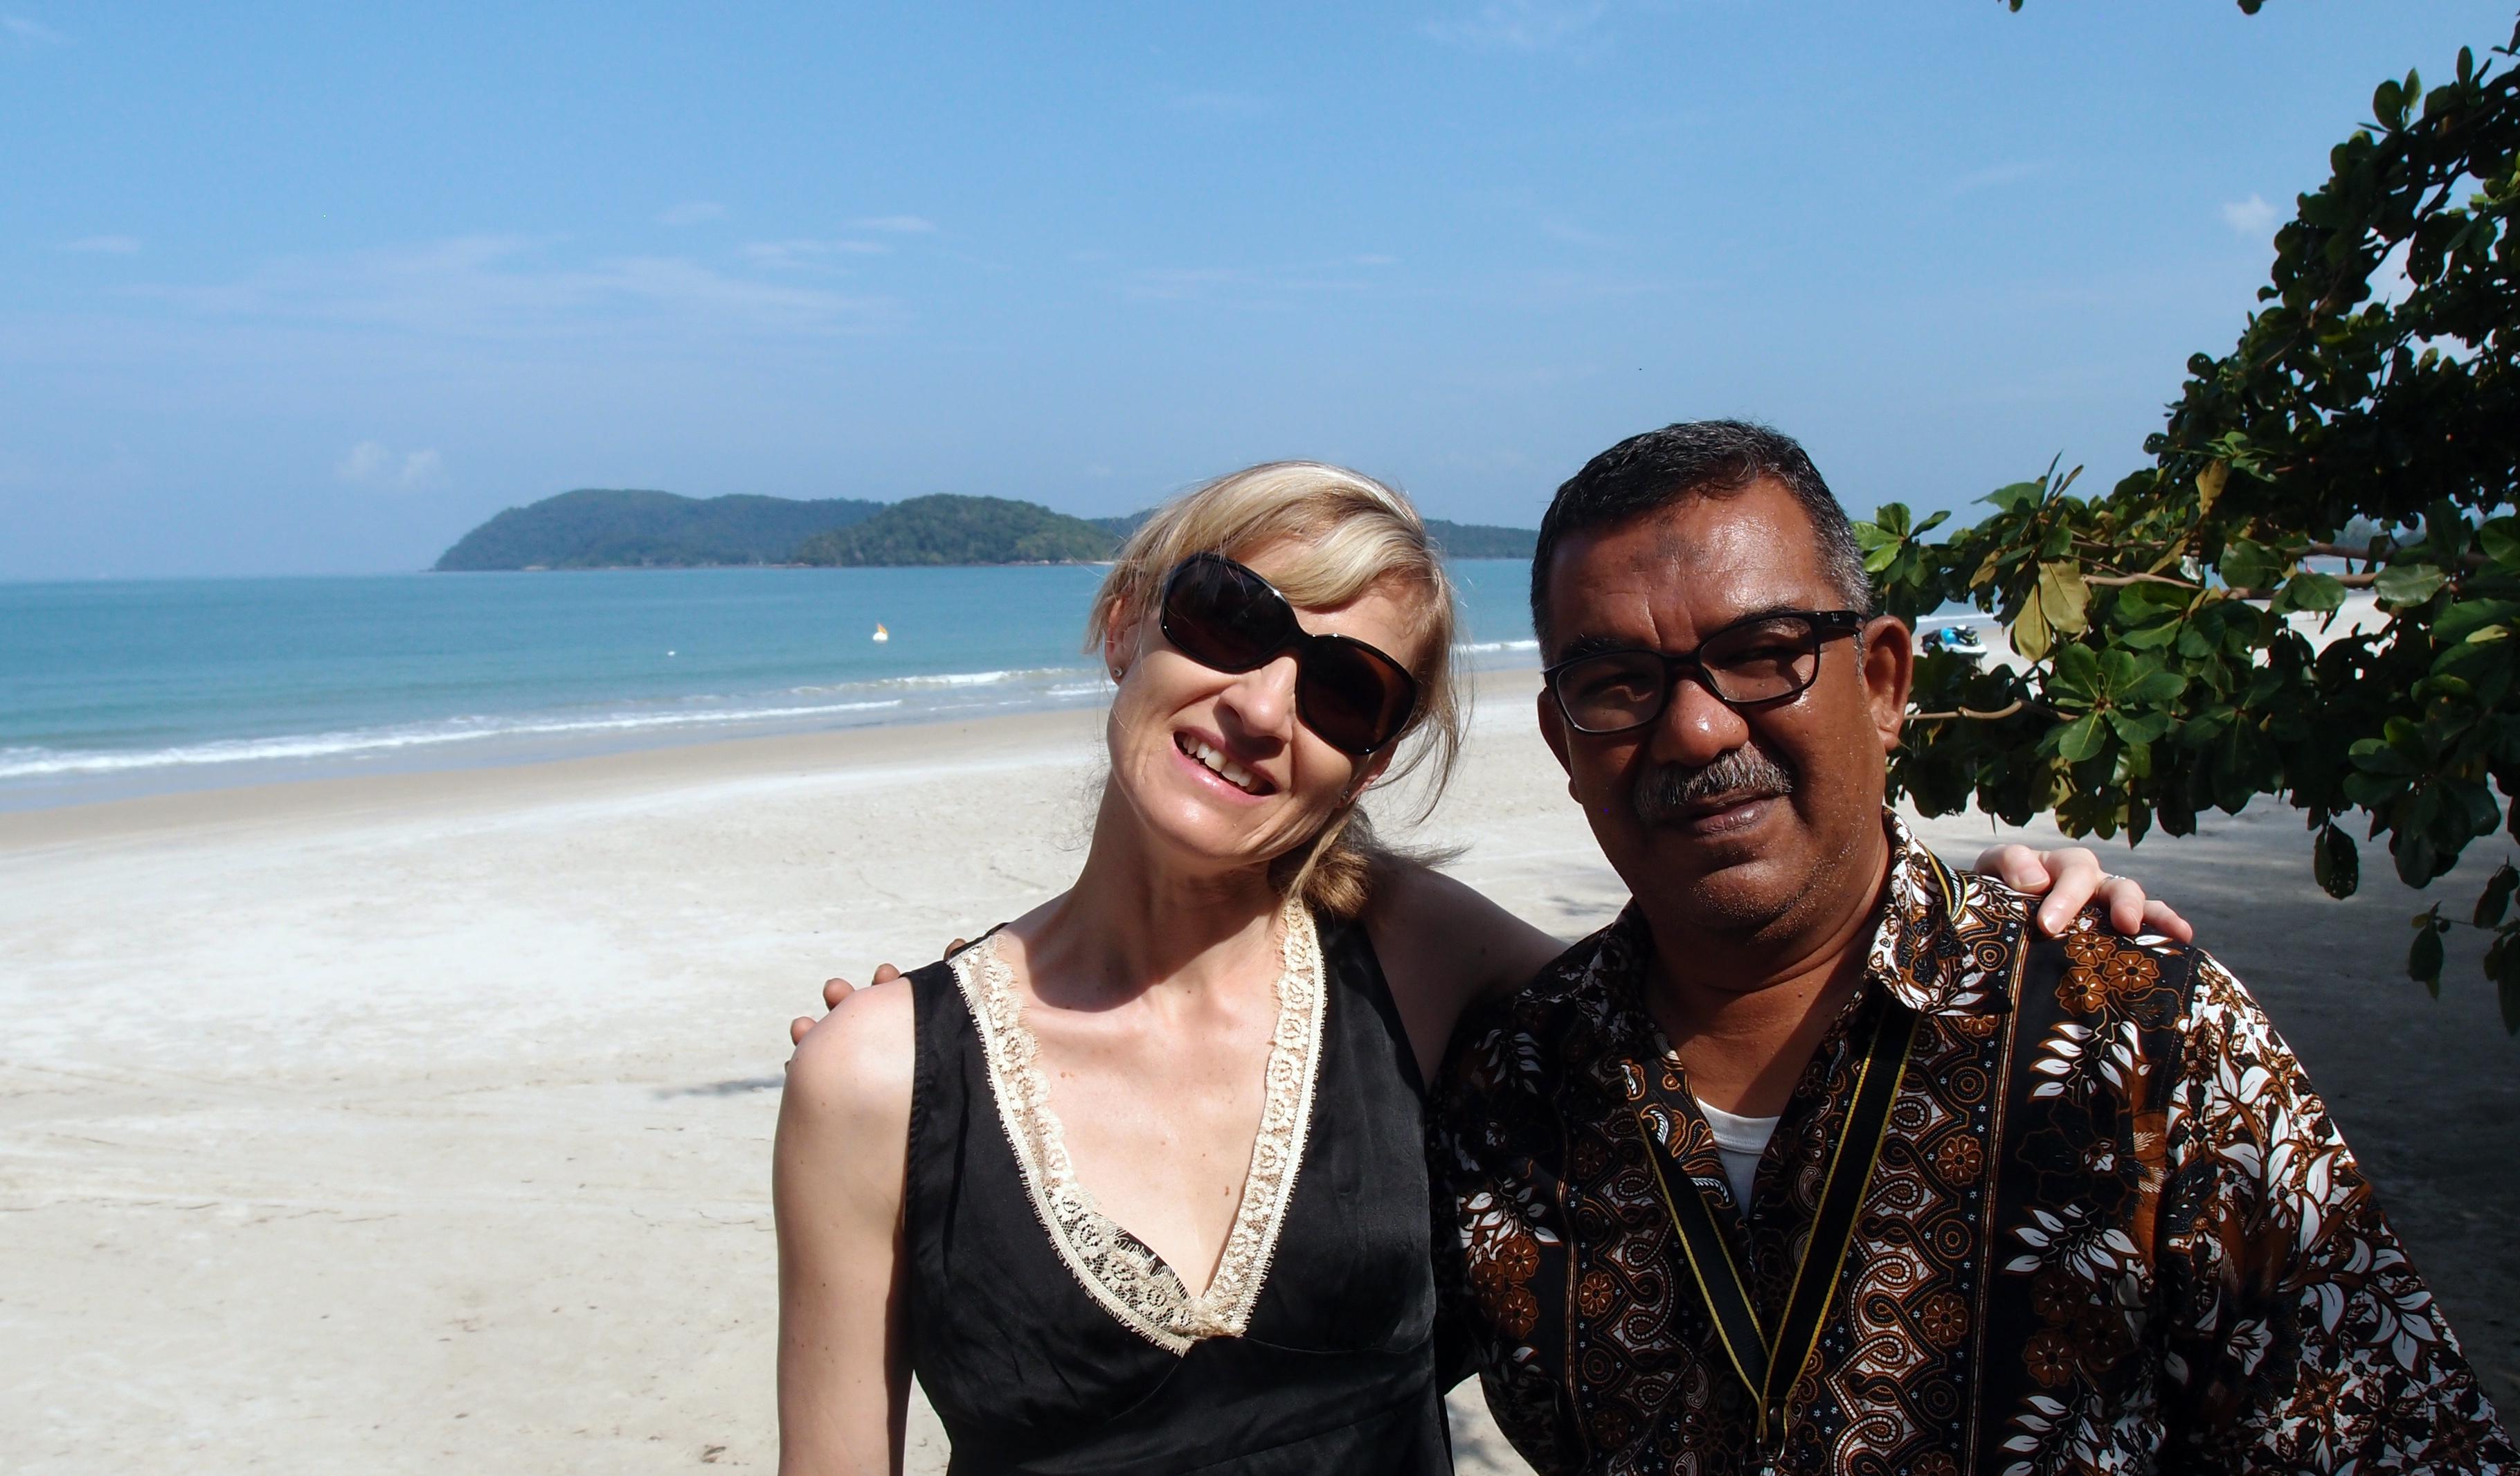 Malajsie-ostrov-Langkawi-hotel-Frangipani-Langkawi